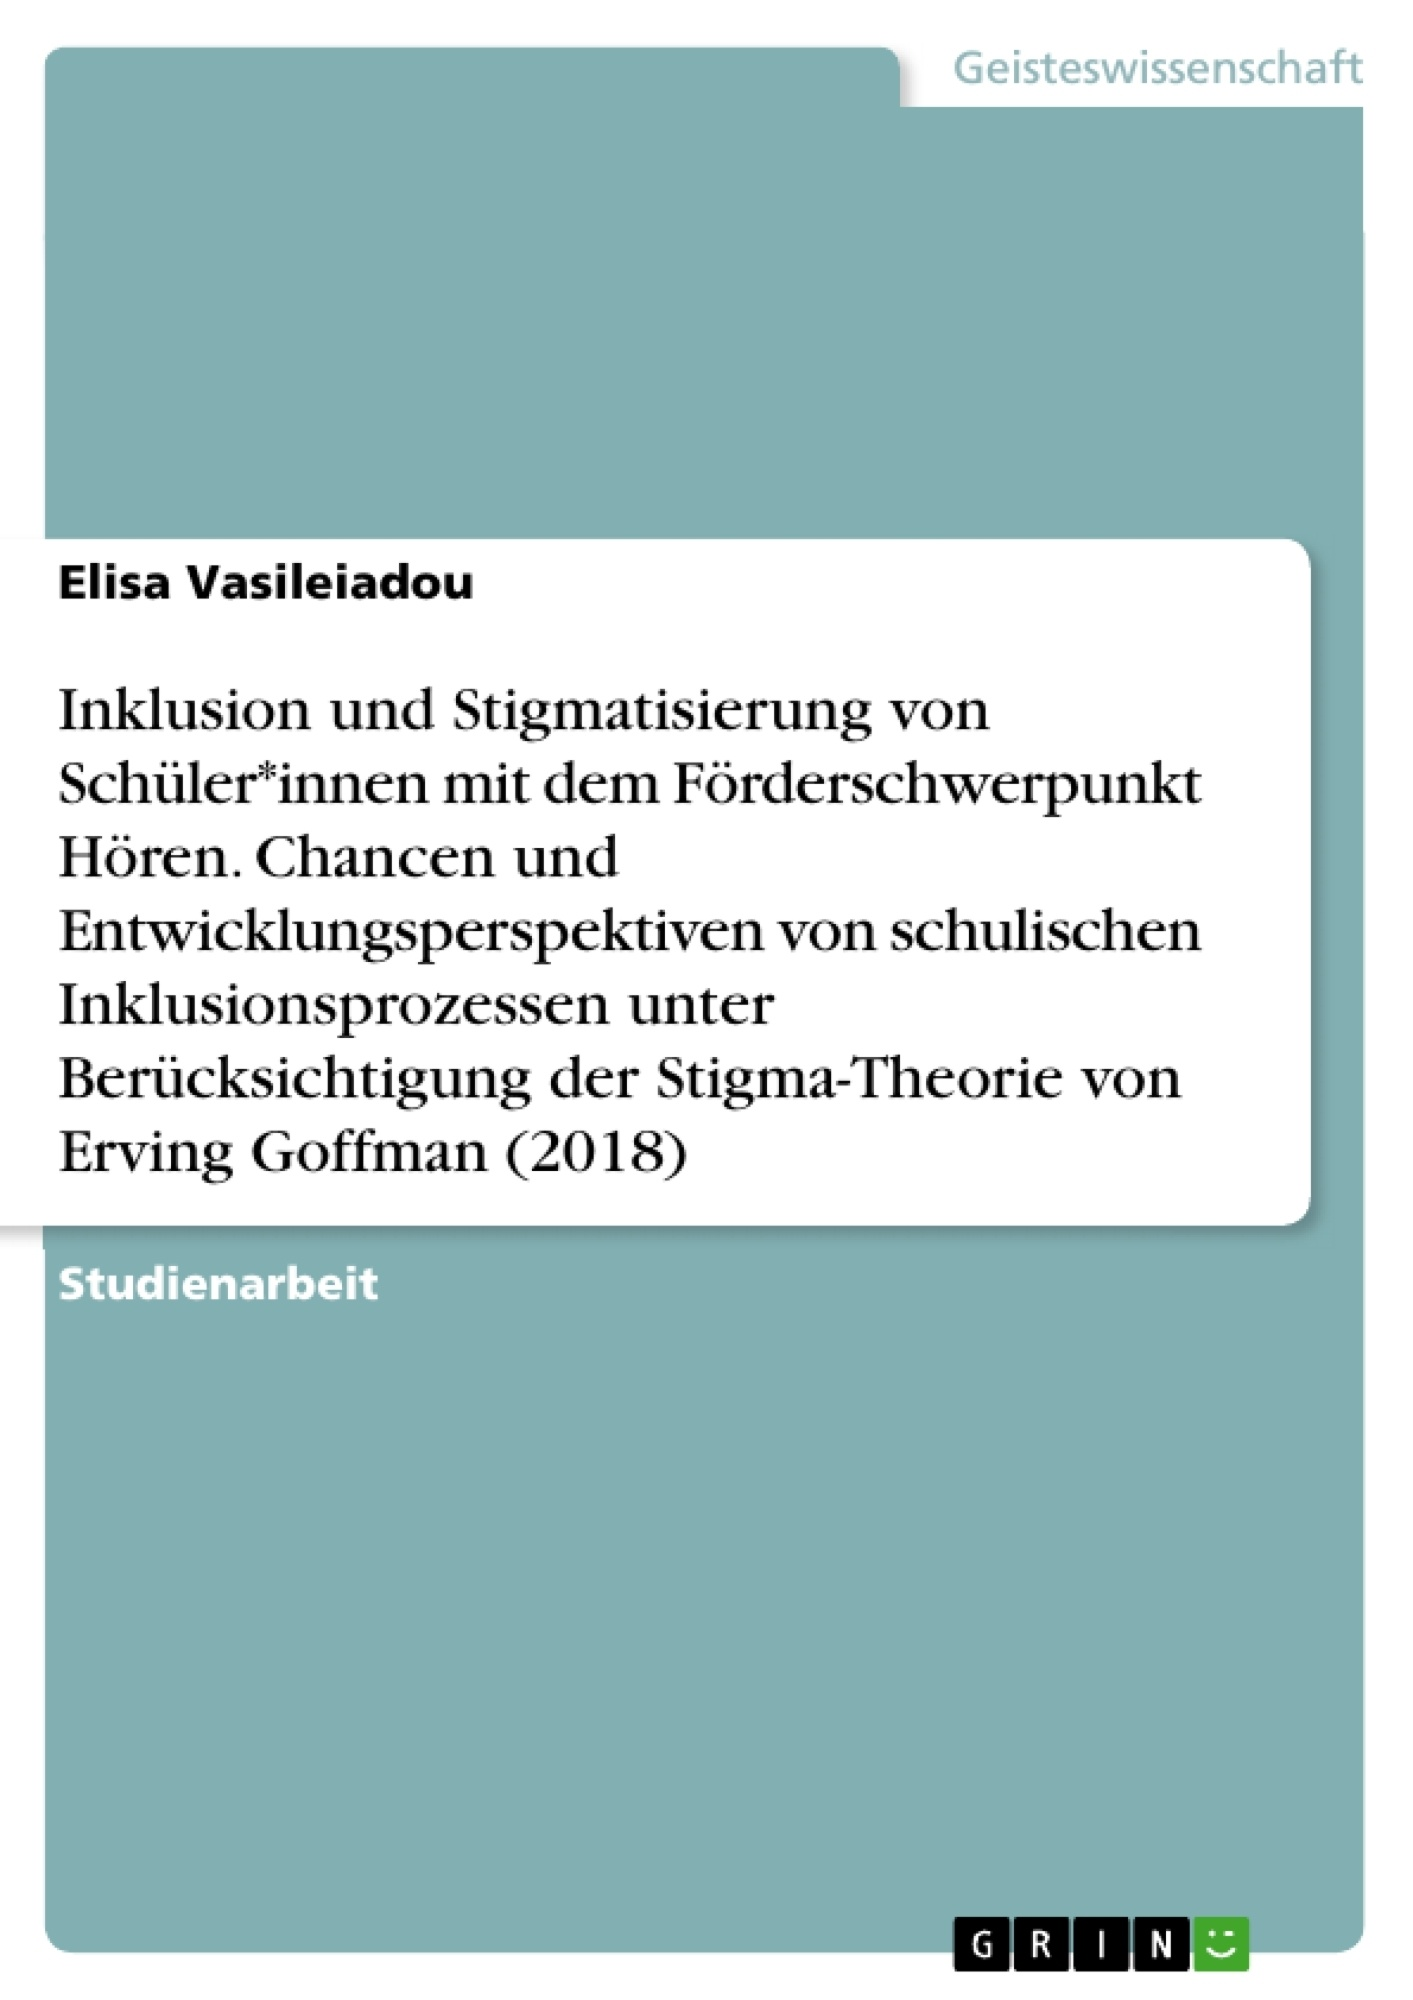 Titel: Inklusion und Stigmatisierung von Schüler*innen mit dem Förderschwerpunkt Hören. Chancen und Entwicklungsperspektiven von schulischen Inklusionsprozessen unter Berücksichtigung der Stigma-Theorie von Erving Goffman (2018)